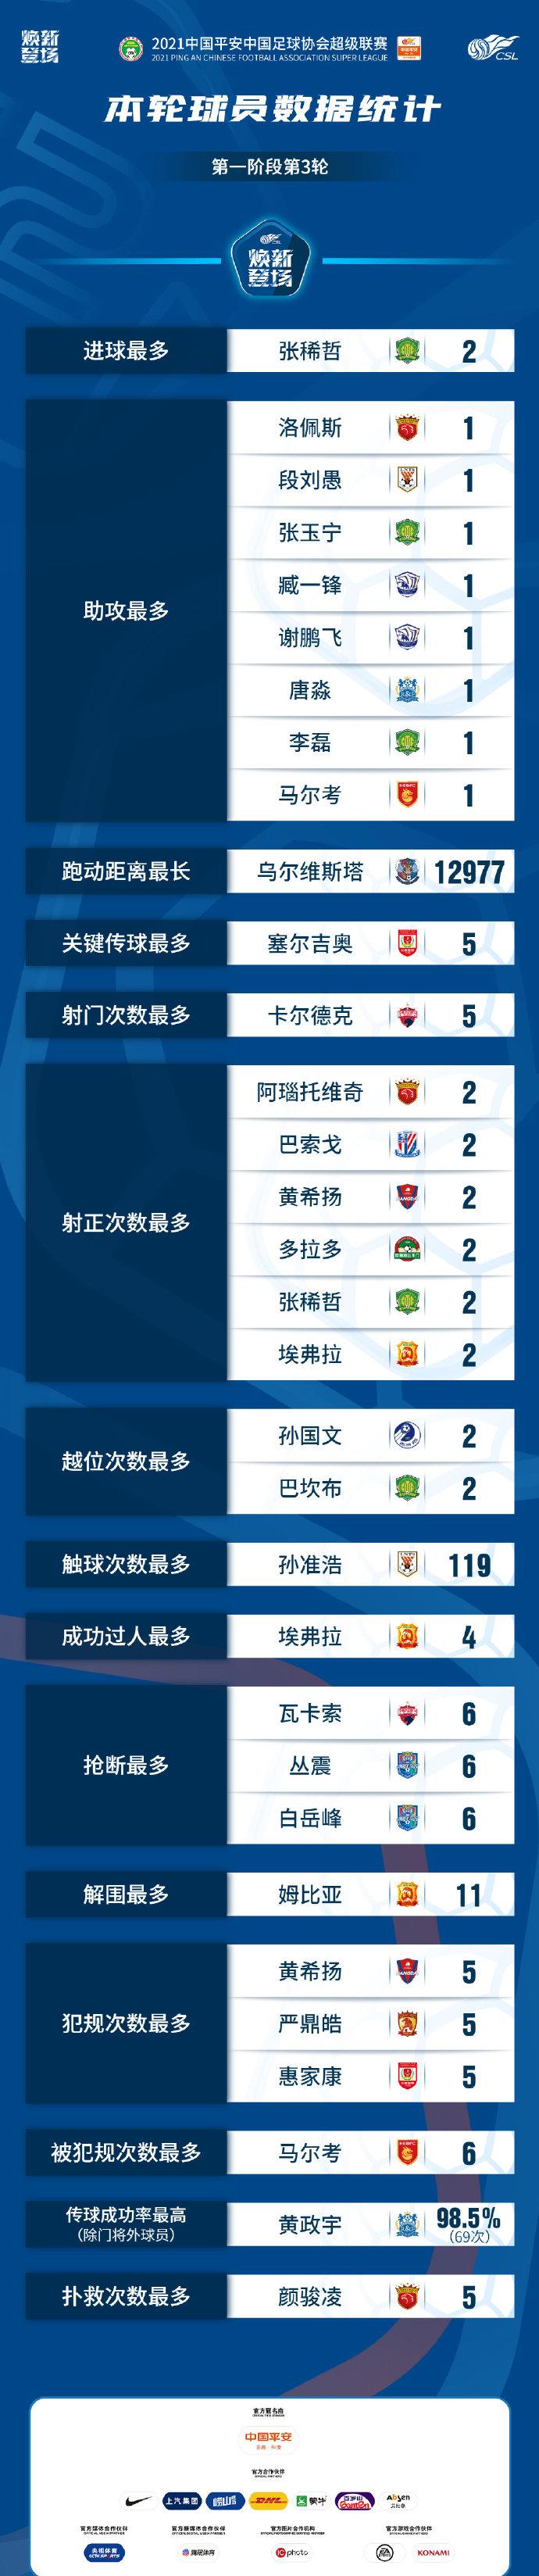 中超第三轮球员统计:张锡哲成射手王艳凌俊救得最多